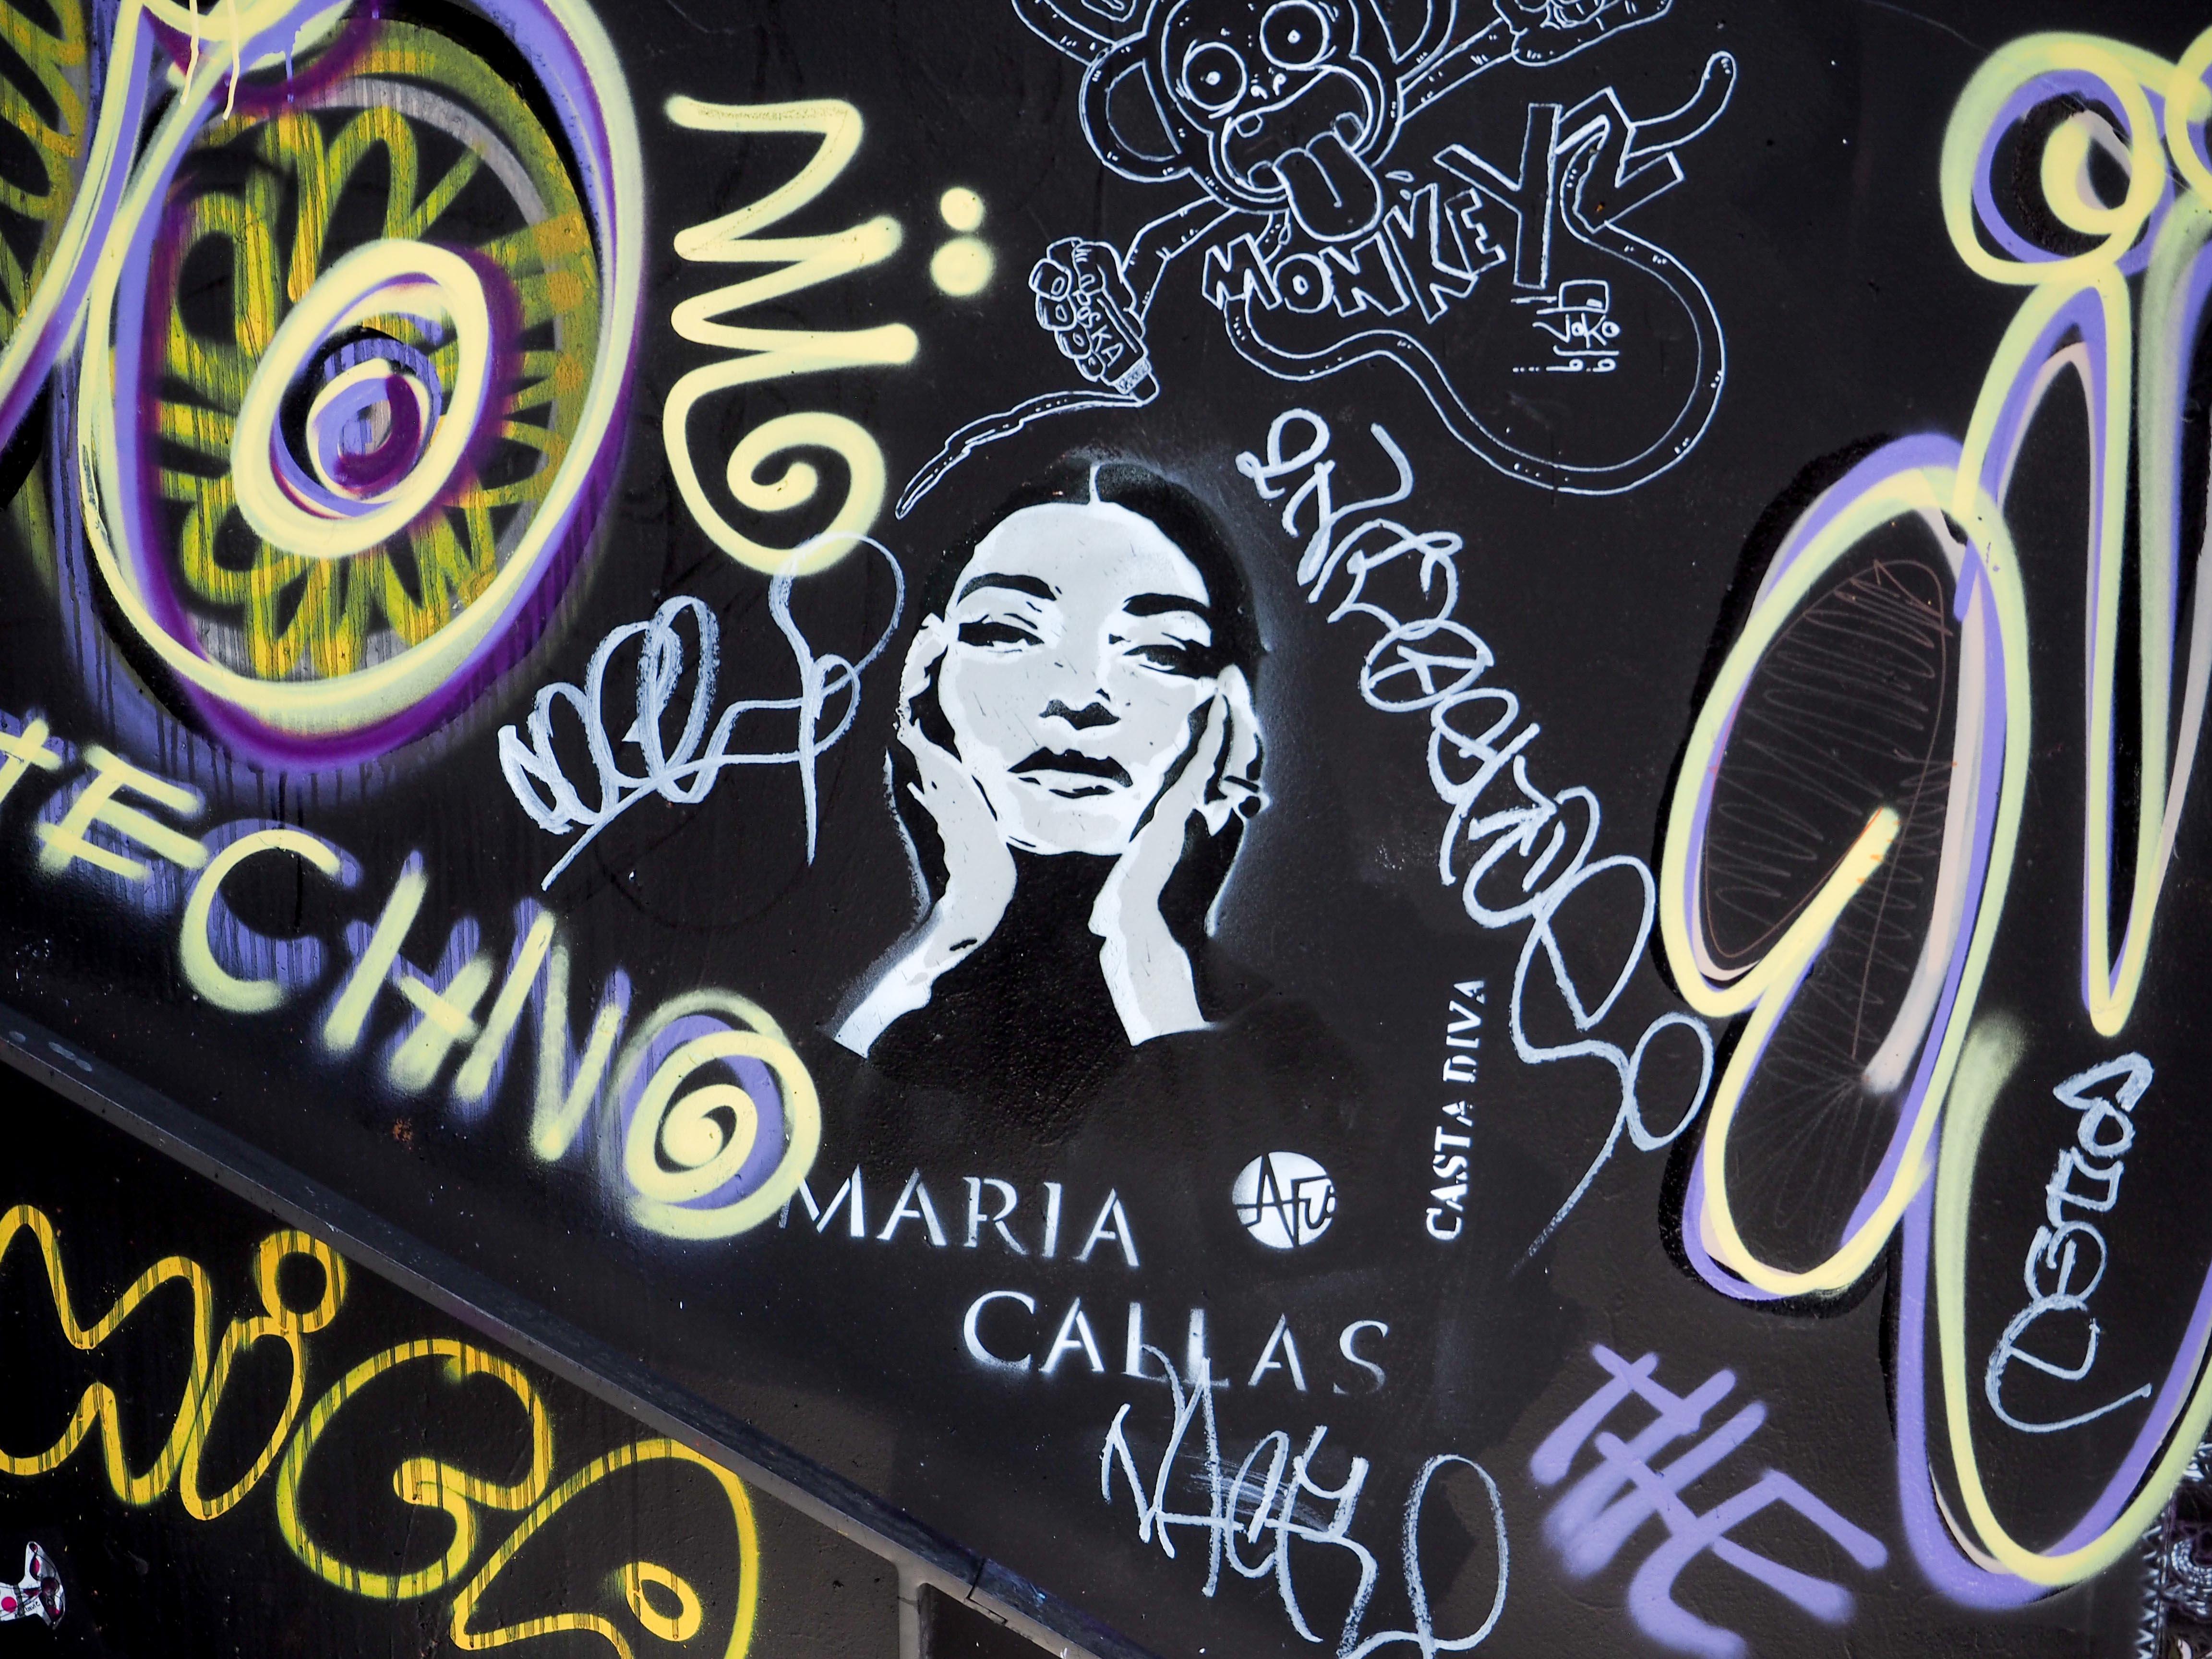 Frauen Bild der Callas von Nice Art